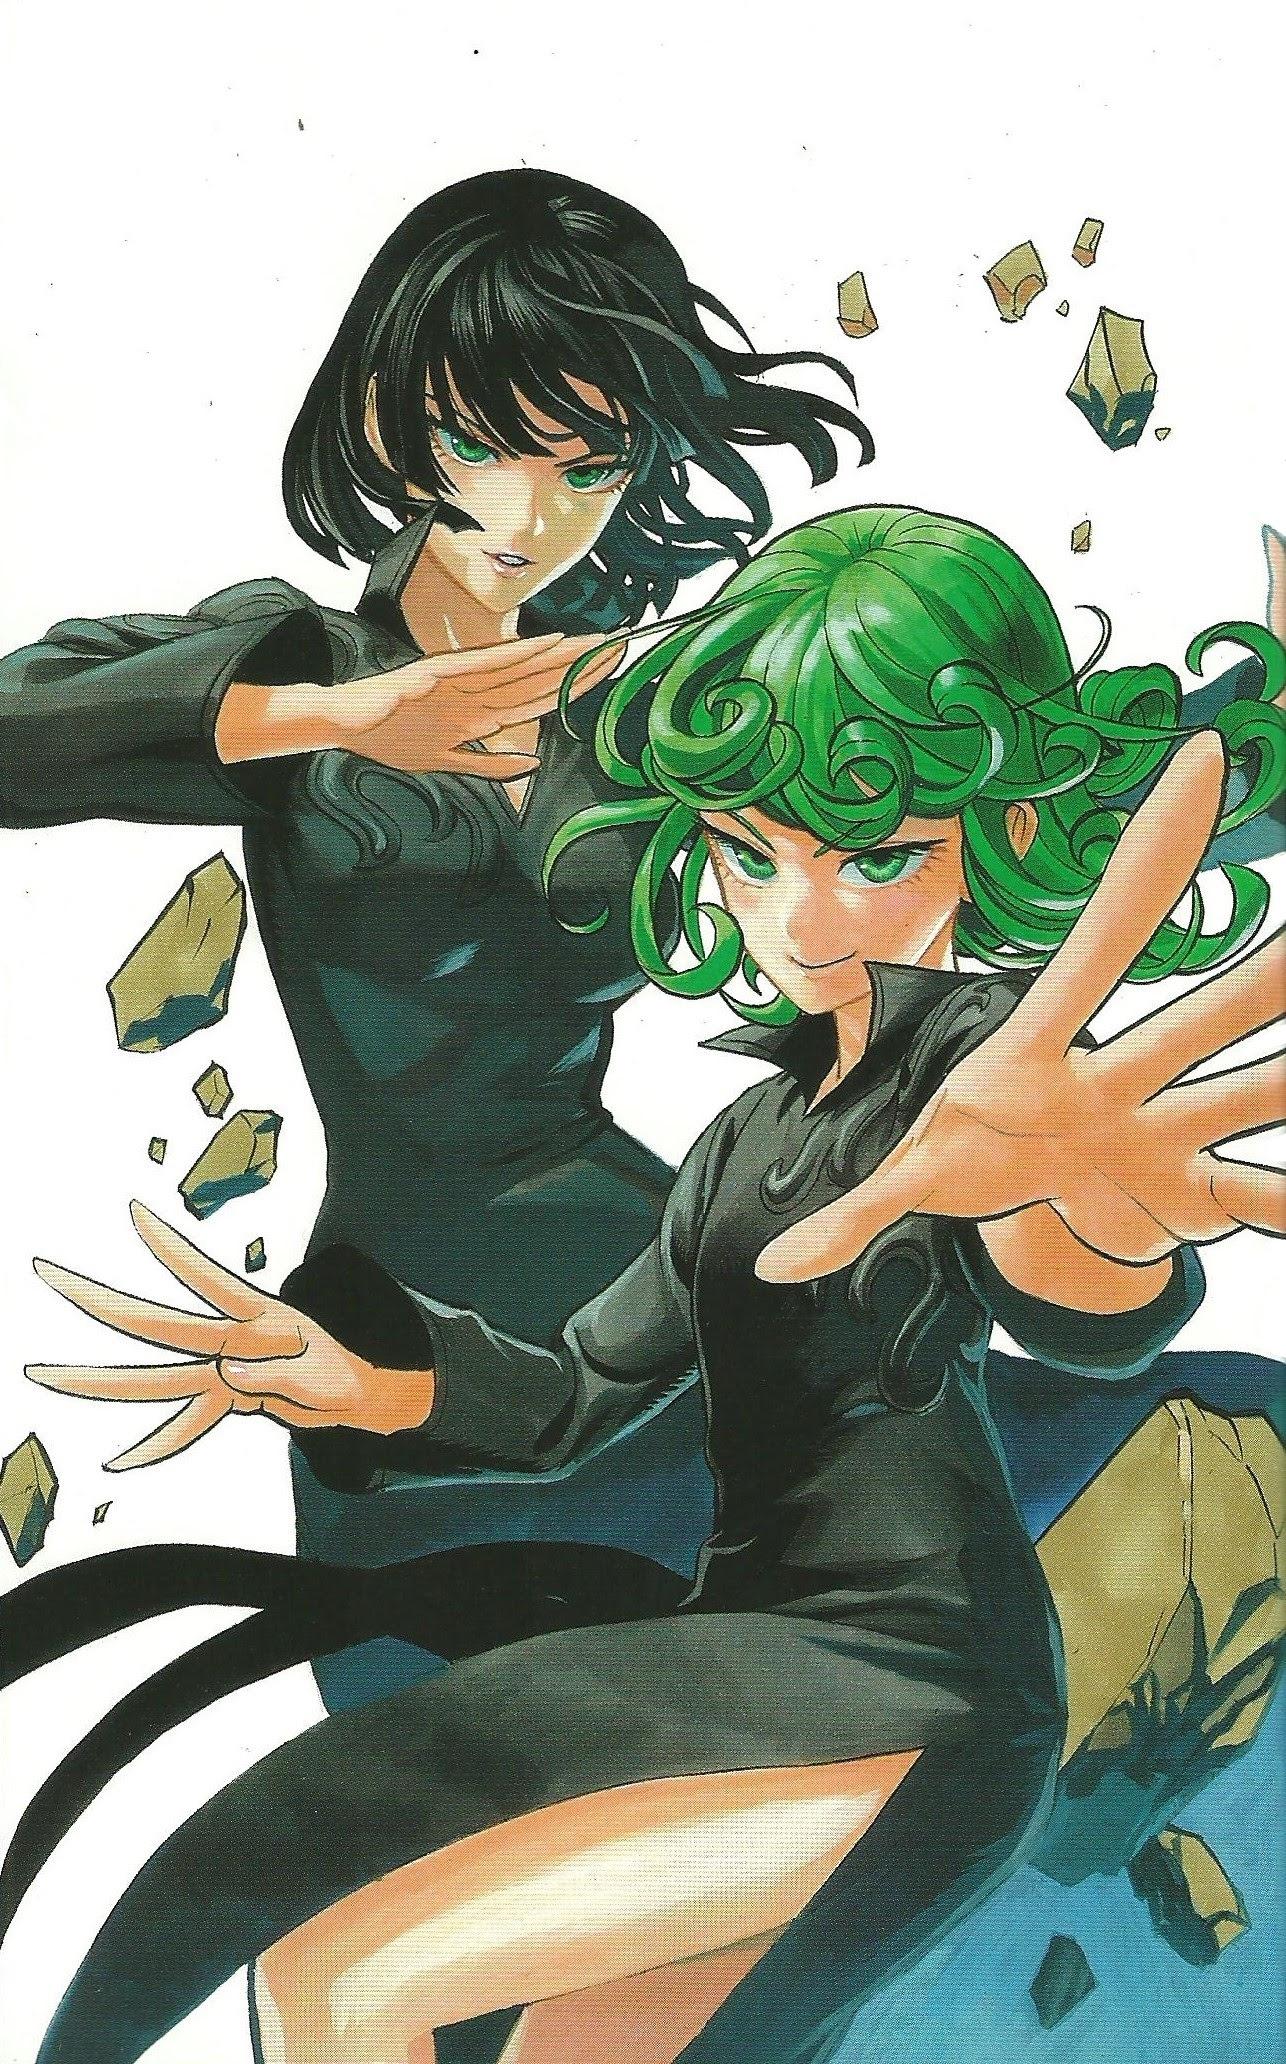 Fubuki And Tatsumaki One Punch Man Wallpaper 42972212 Fanpop